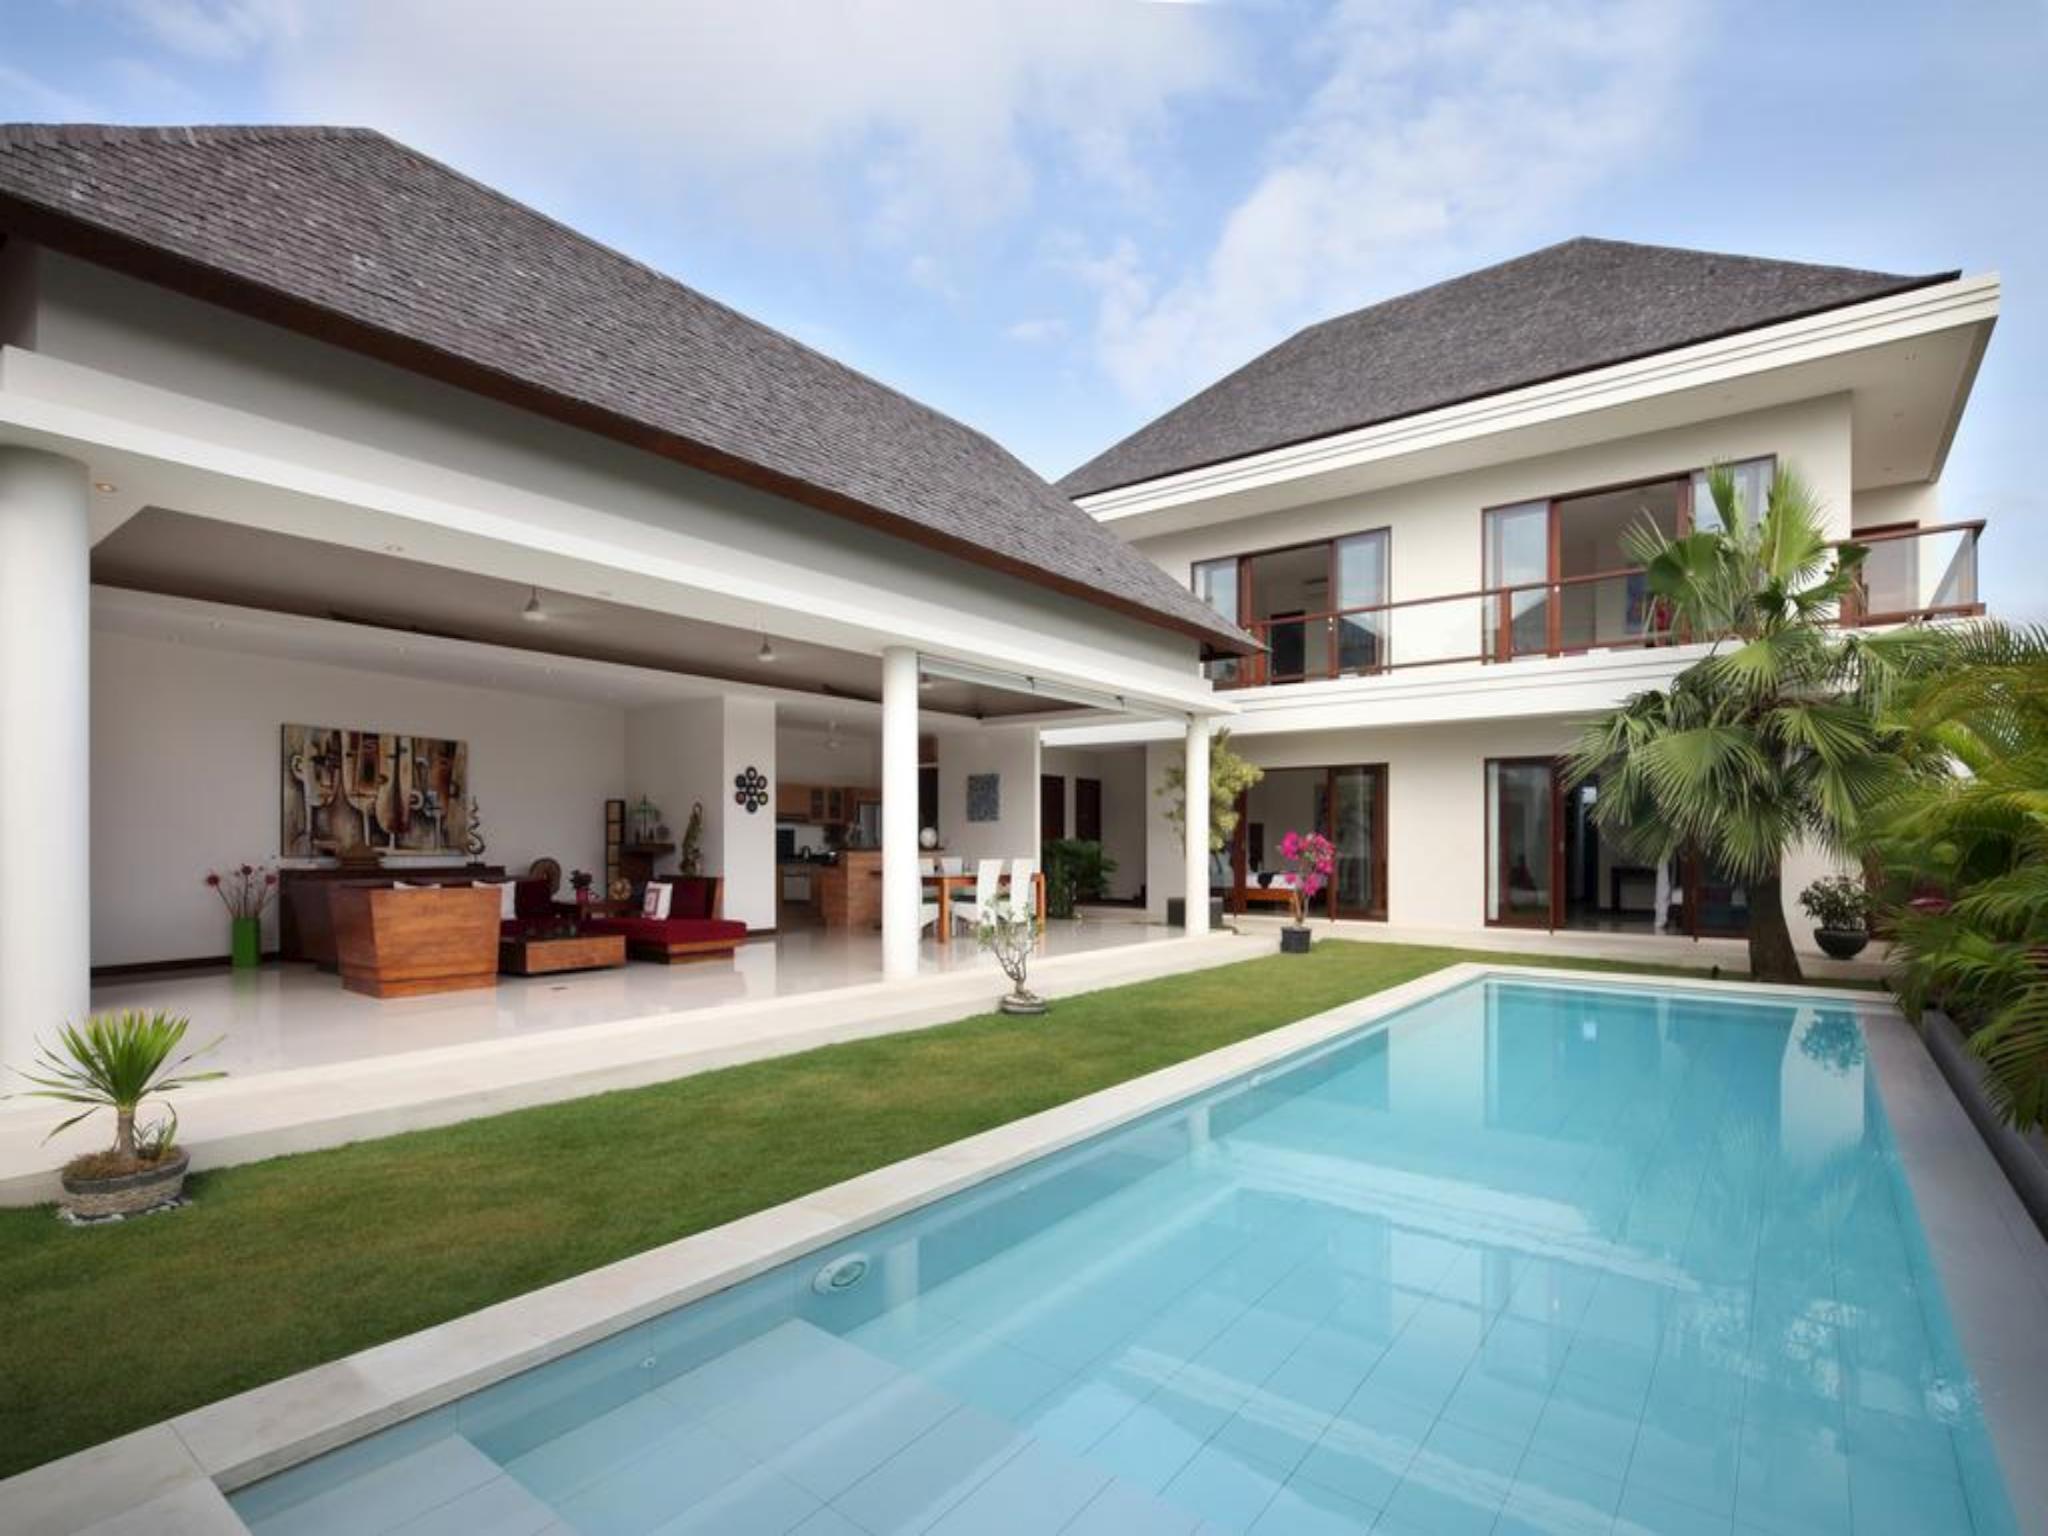 Luxury Villa Merayu ホテル詳細